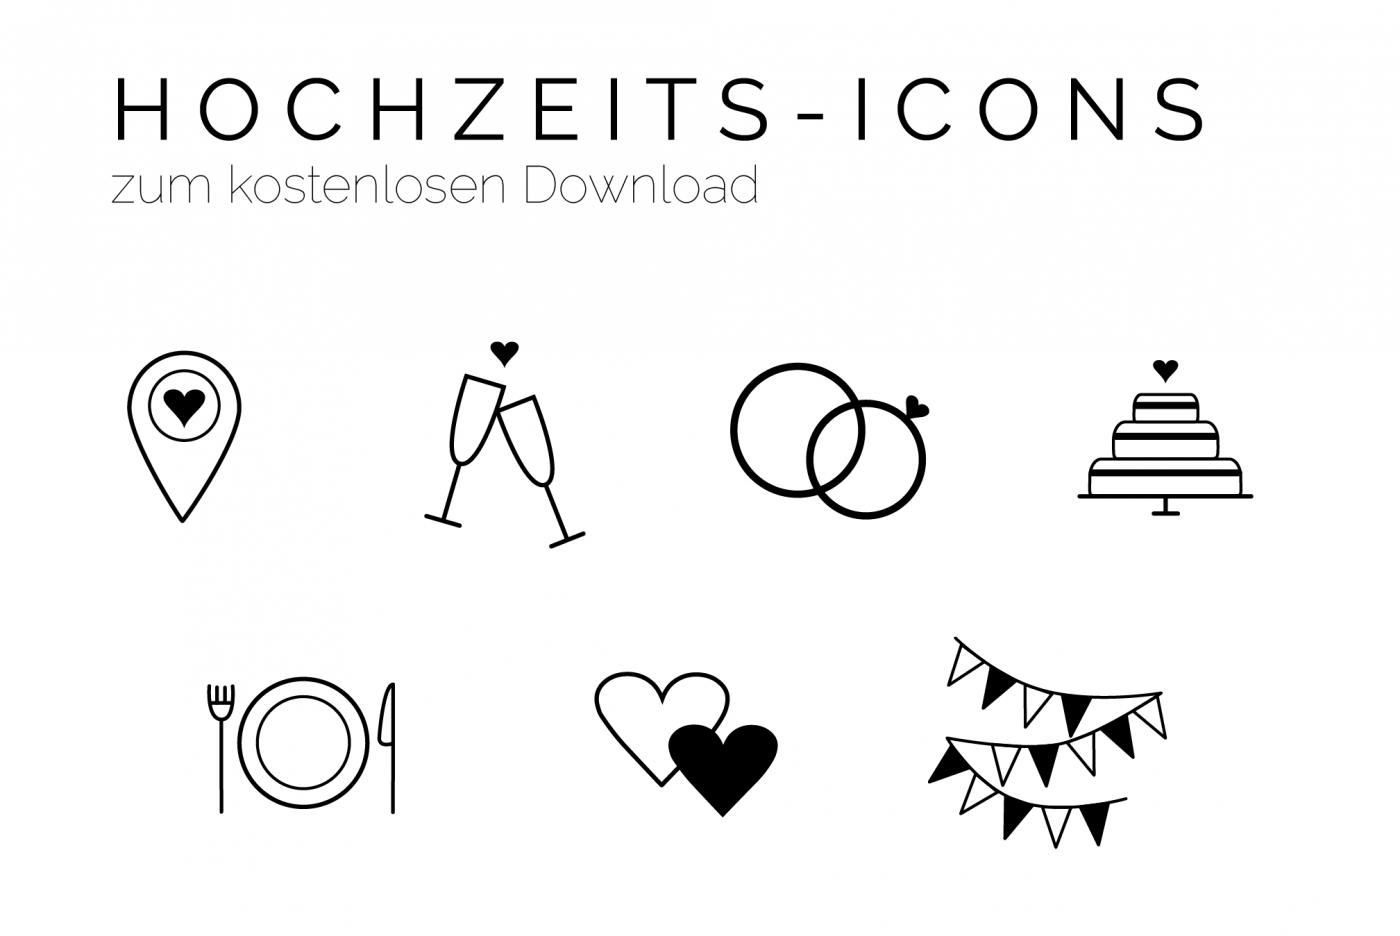 Hochzeits Symbole Zum Kostenlosen Download Yeah Handmade Hochzeitssymbole Ablaufplan Symbol Hochzeit